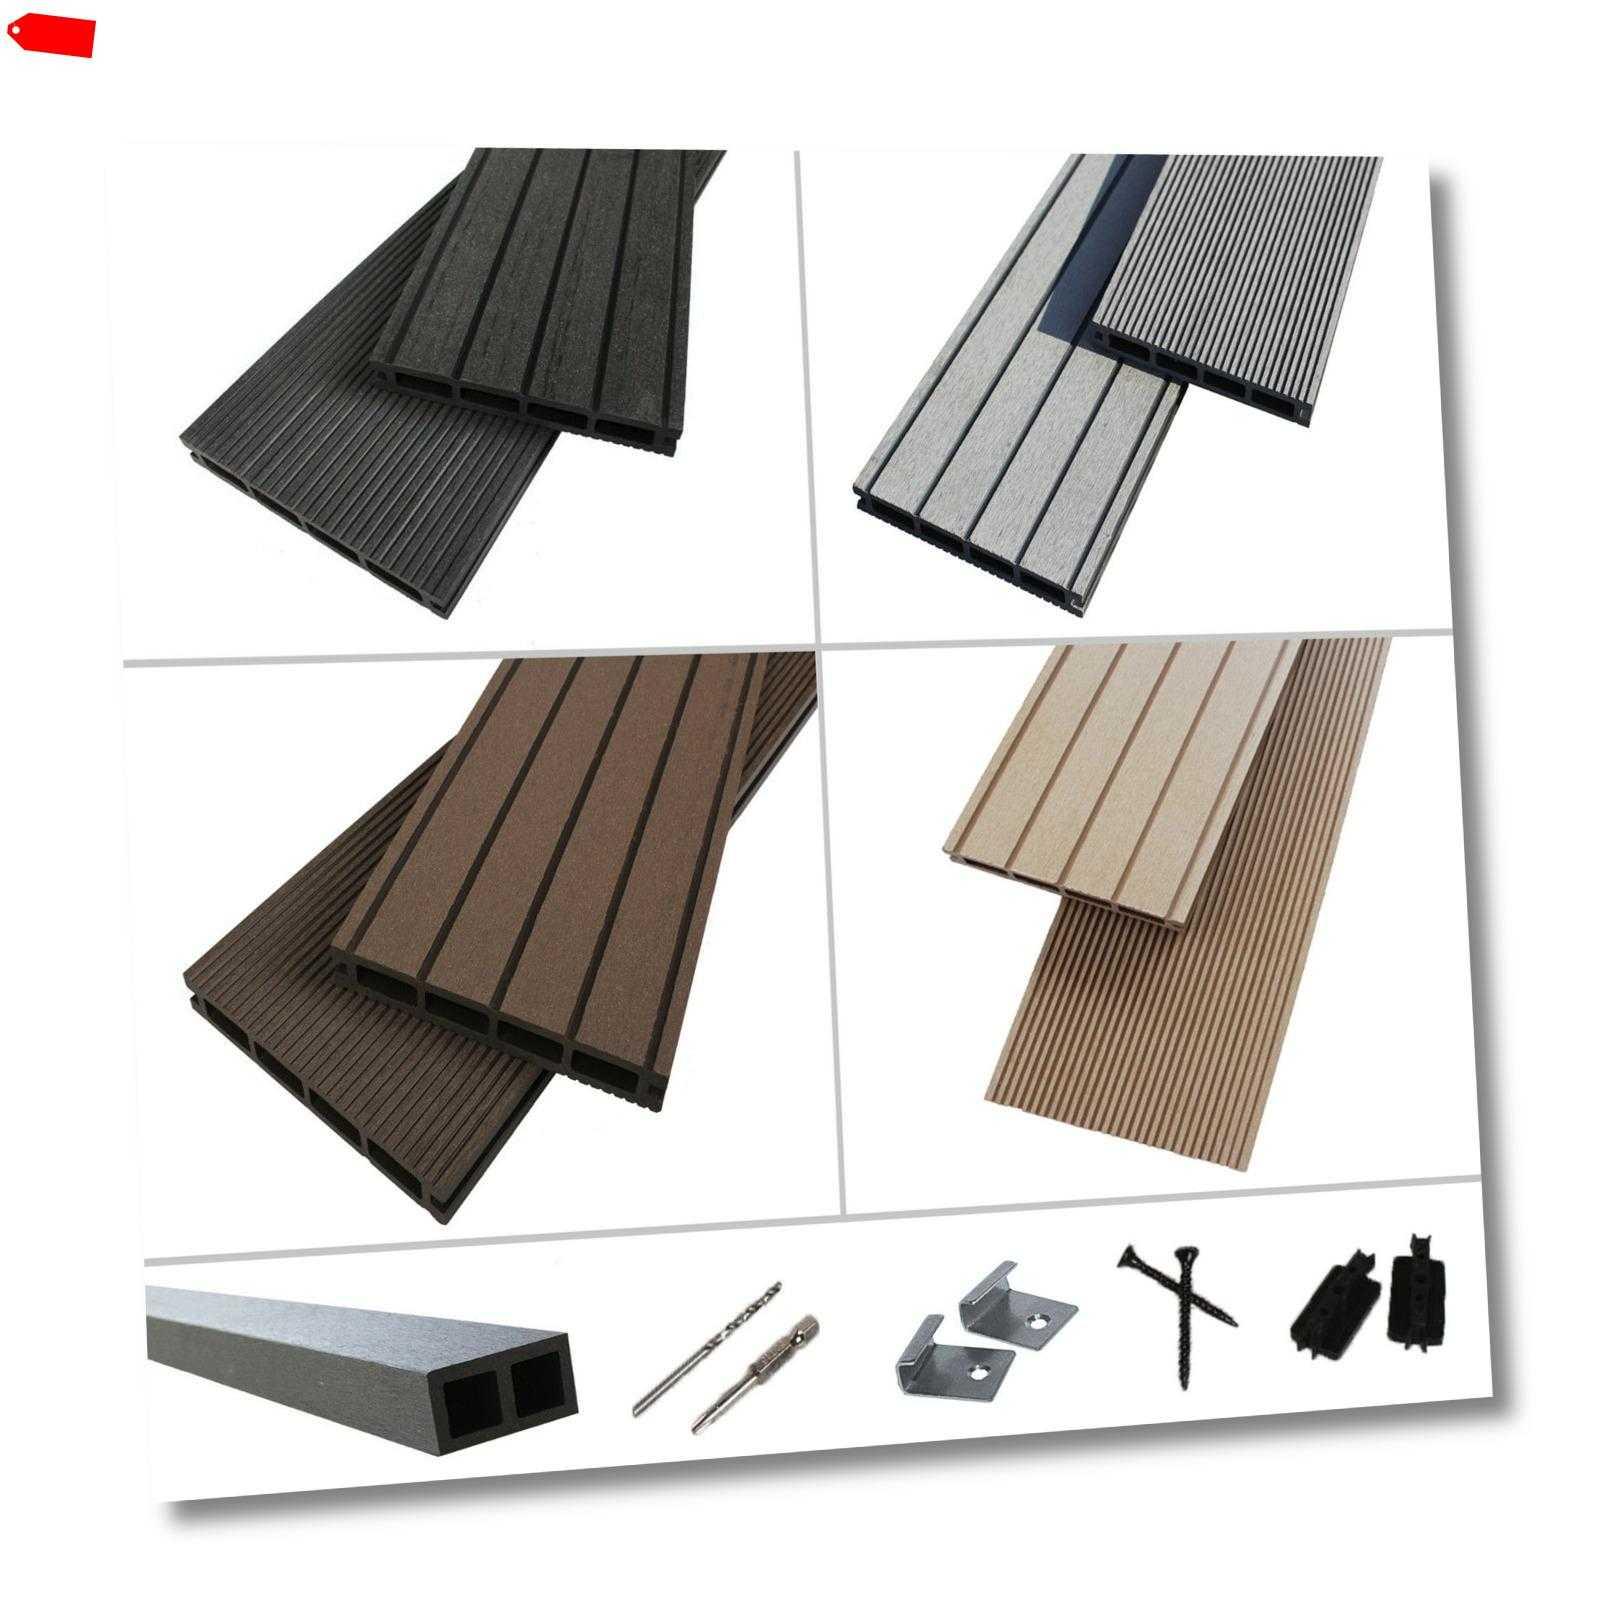 terrasso WPC BPC Terrassendielen Komplettbausatz Set 4 Farben 16-80m² Holz Diele